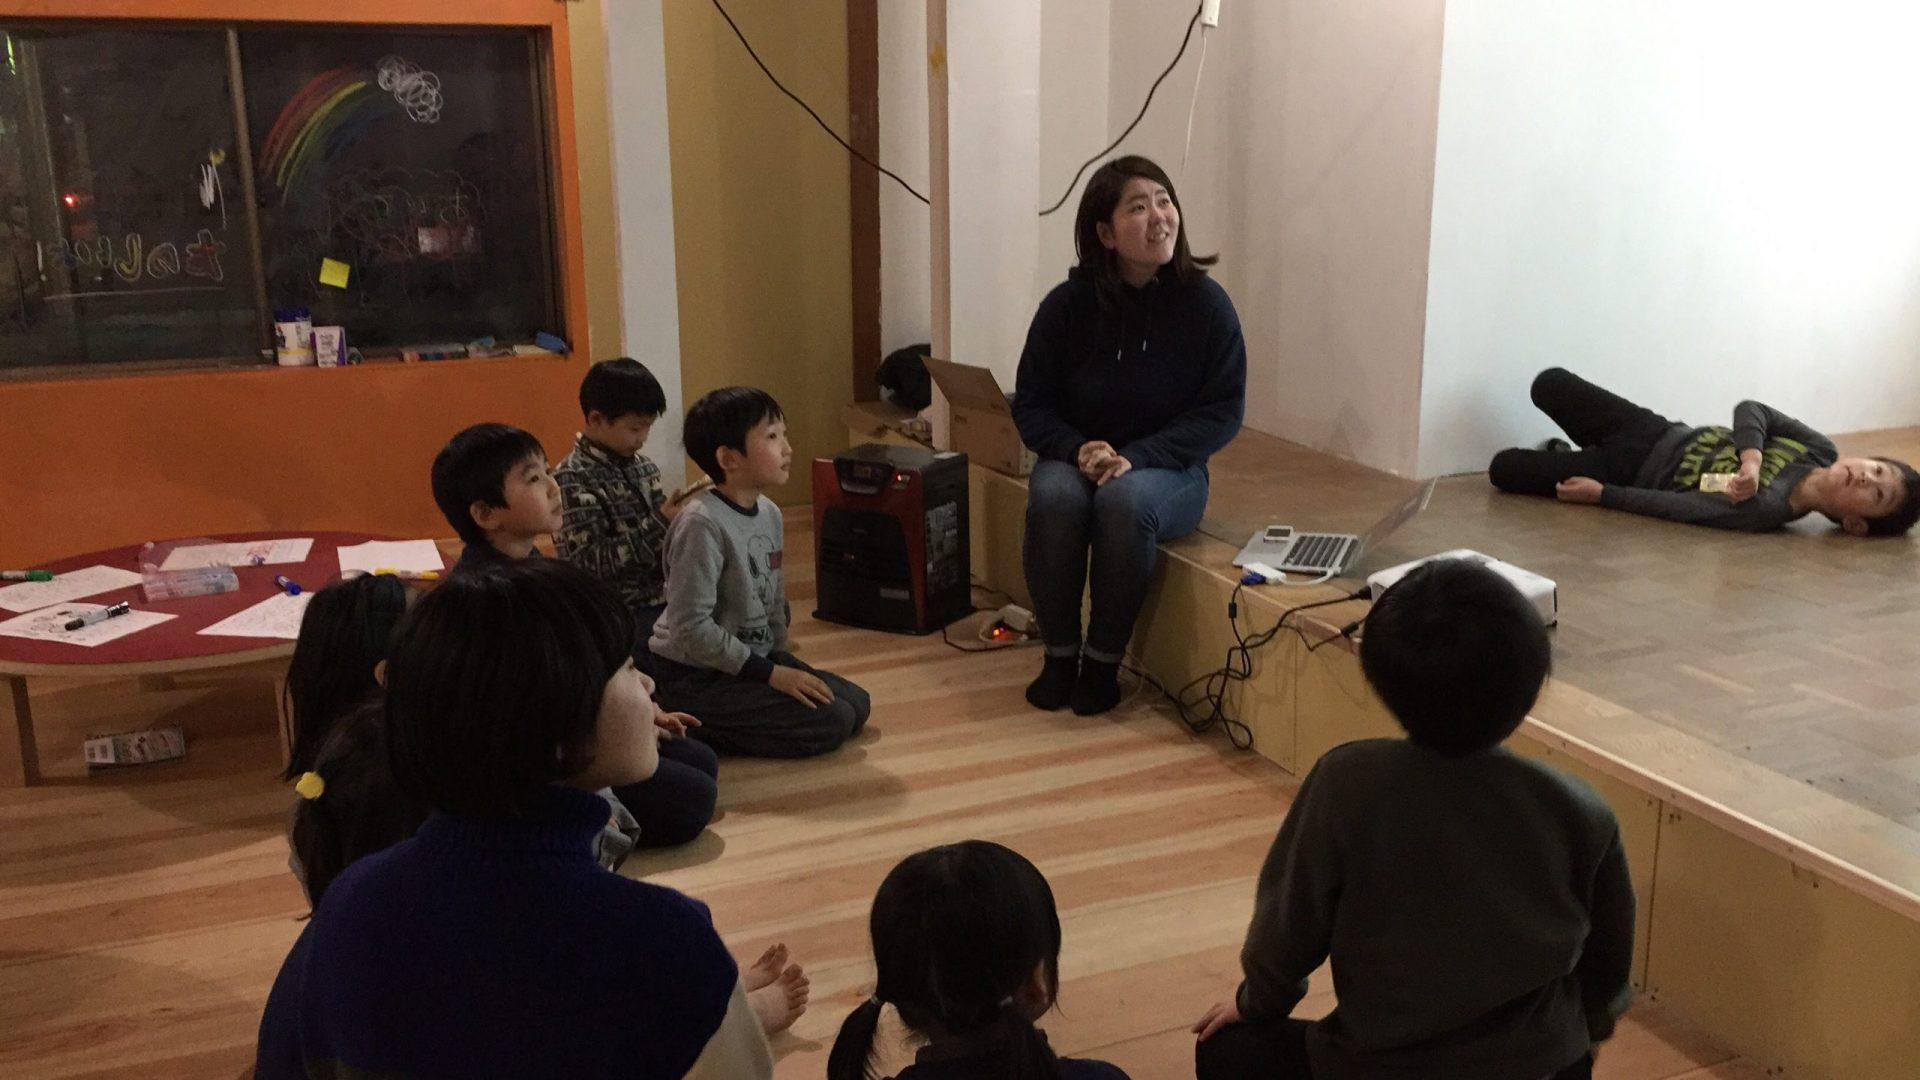 秋田県五城目町にある「ただのあそび場」で探究学習をしています